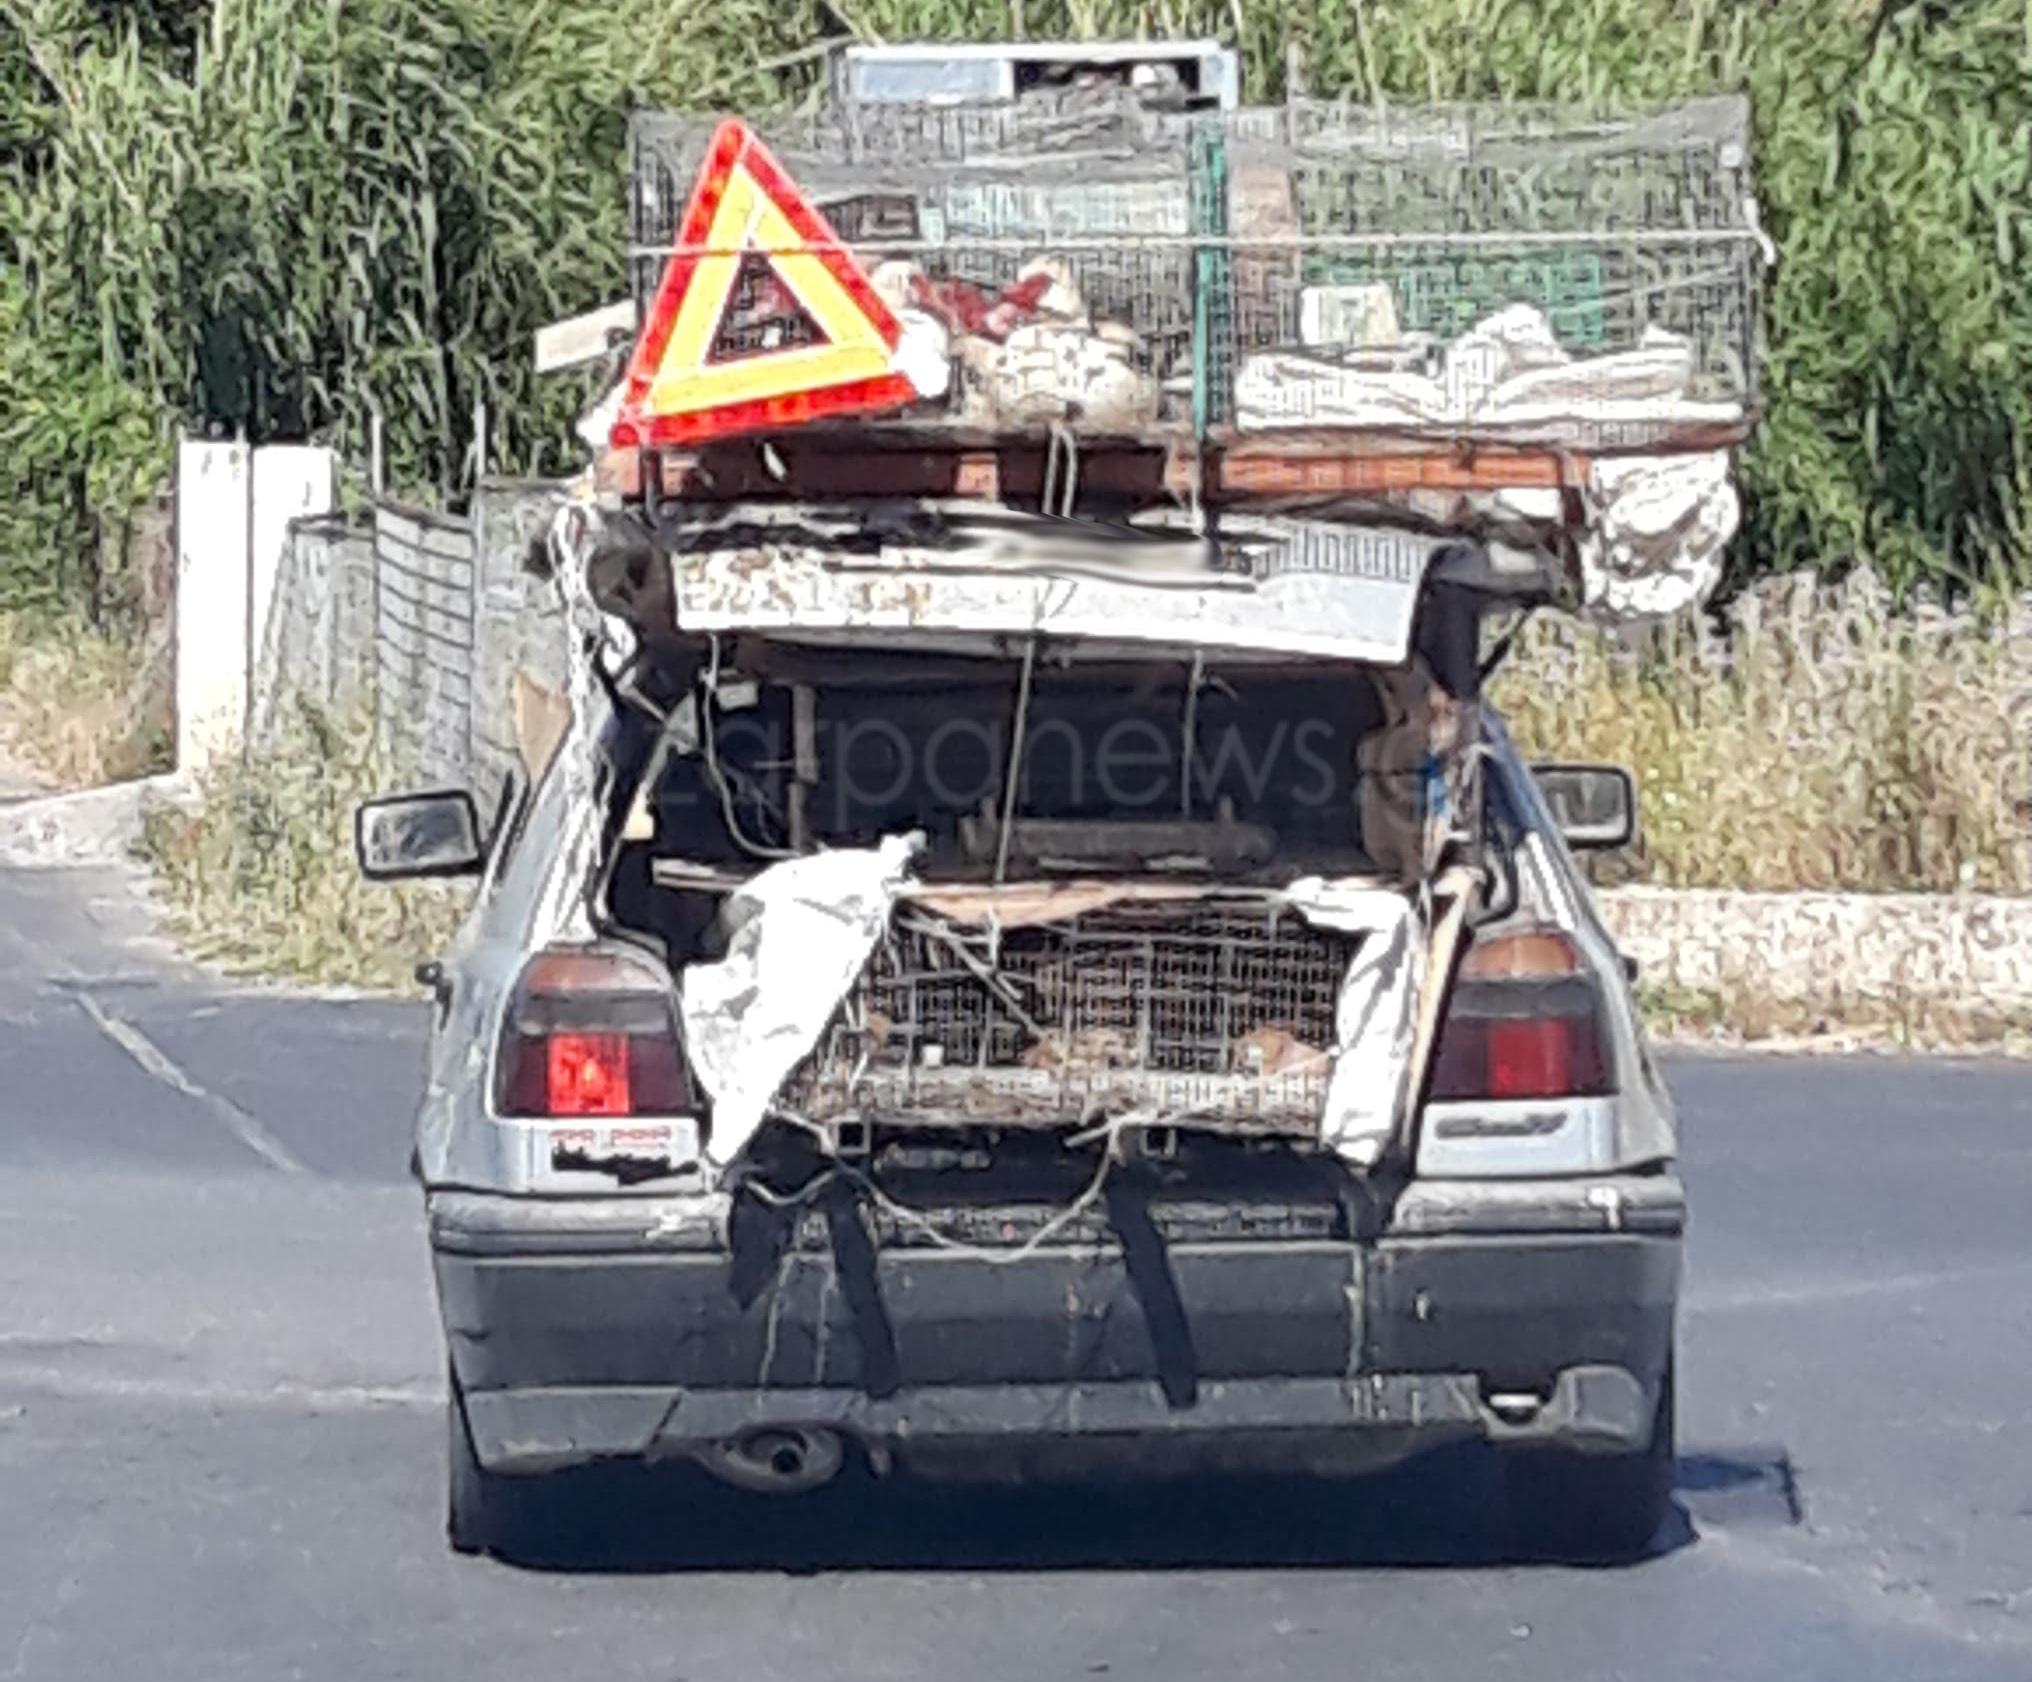 Χανιά: Οδηγός έβαλε τα πάντα πάνω στο αμάξι του – Από κότες και πάπιες μέχρι προειδοποιητικό τρίγωνο [φωτο]